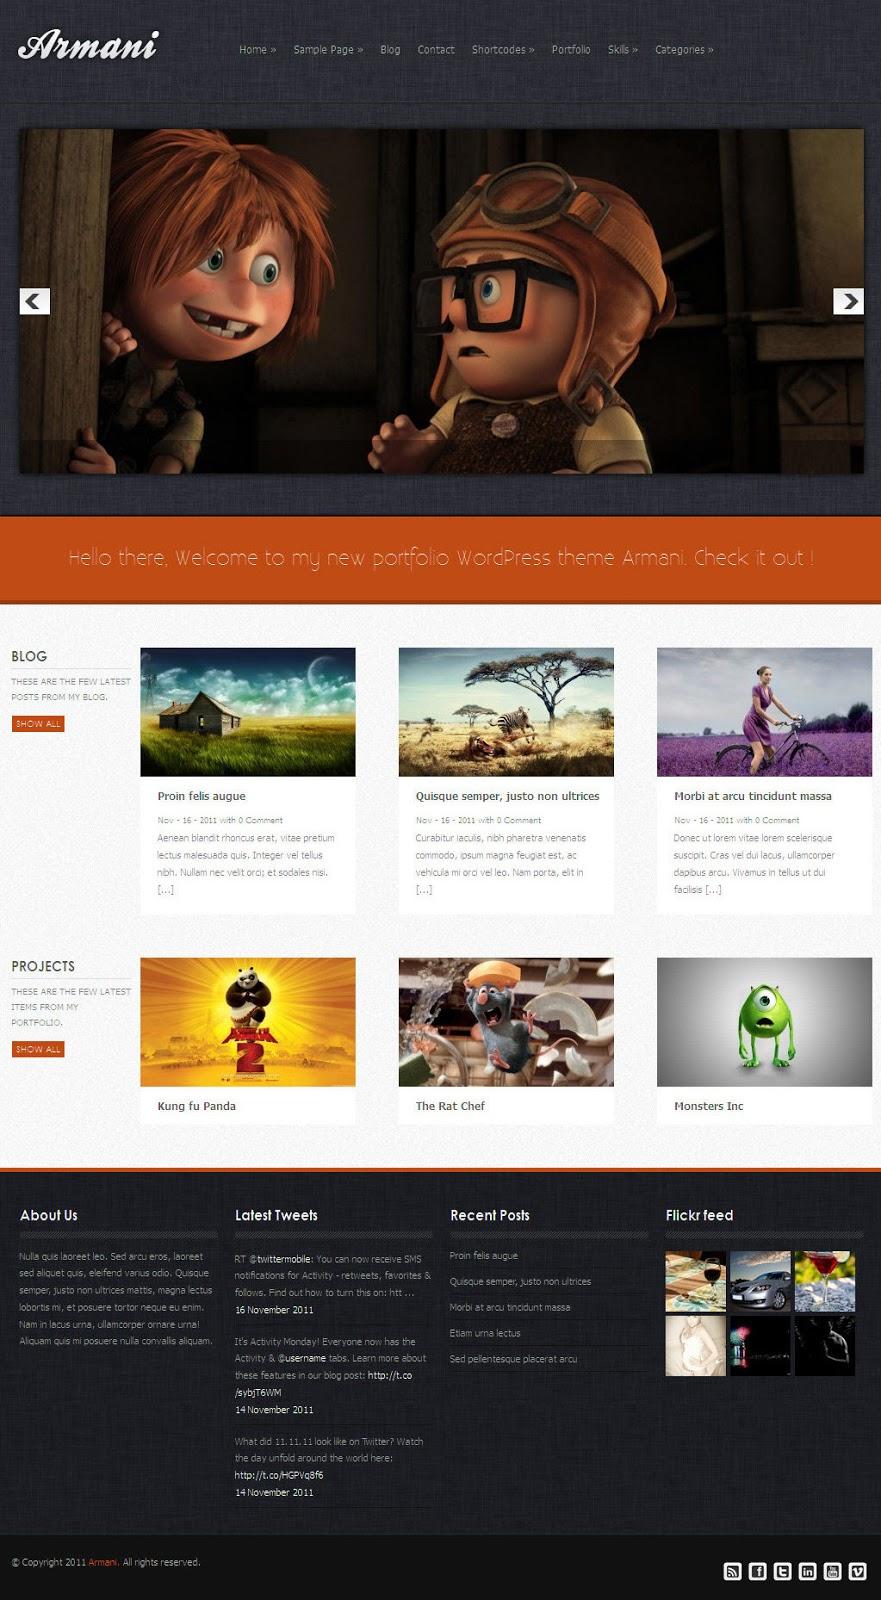 Armani-wordpress full screen video theme